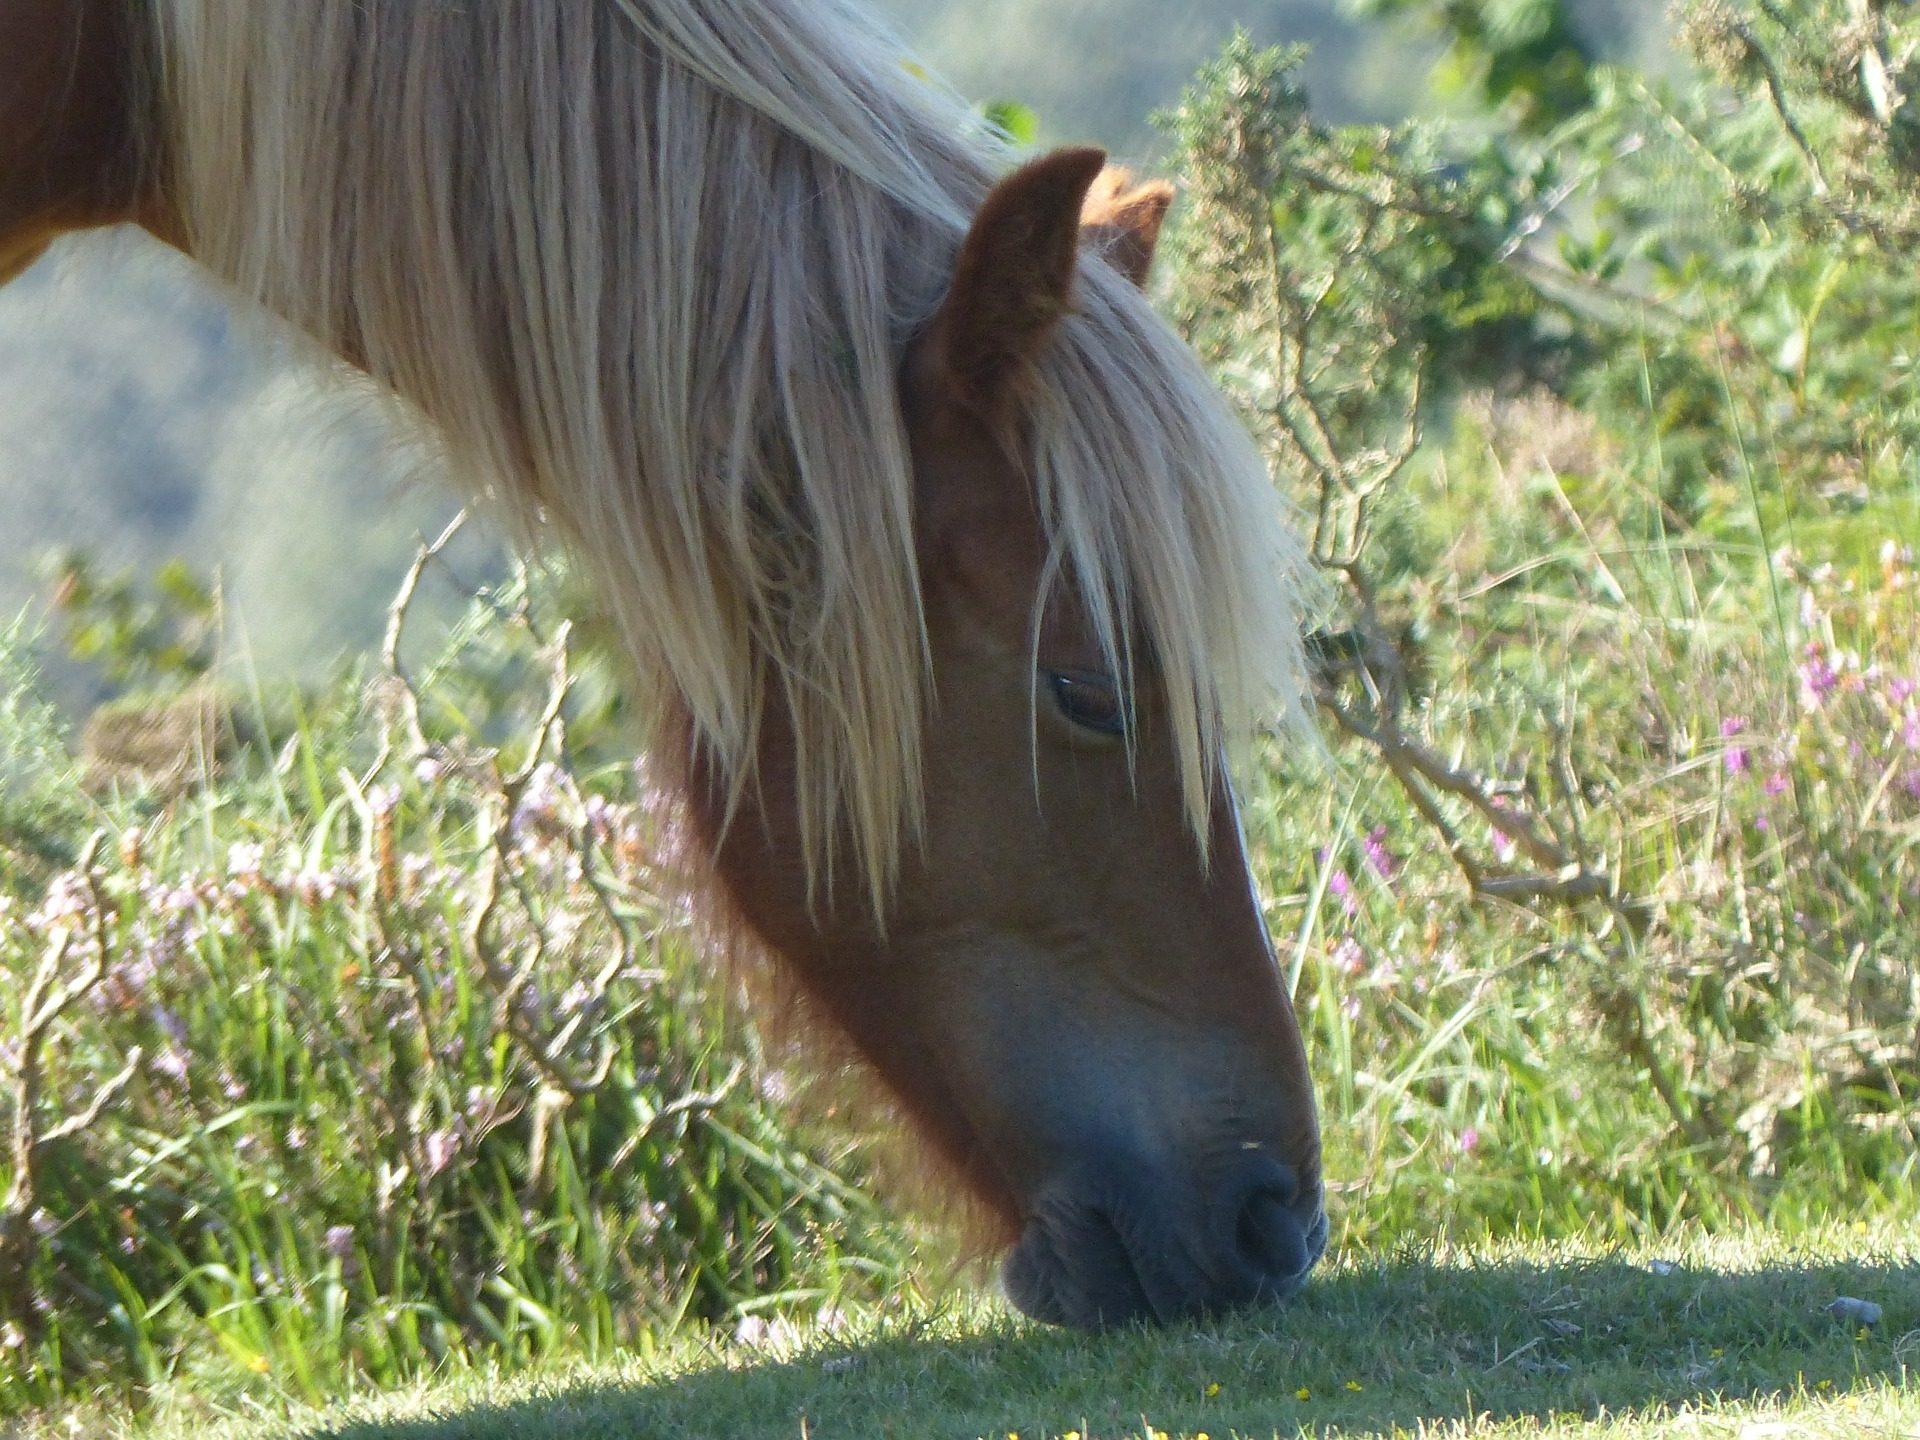 Pferd, Haare, Weiden, Feld, Pony - Wallpaper HD - Prof.-falken.com